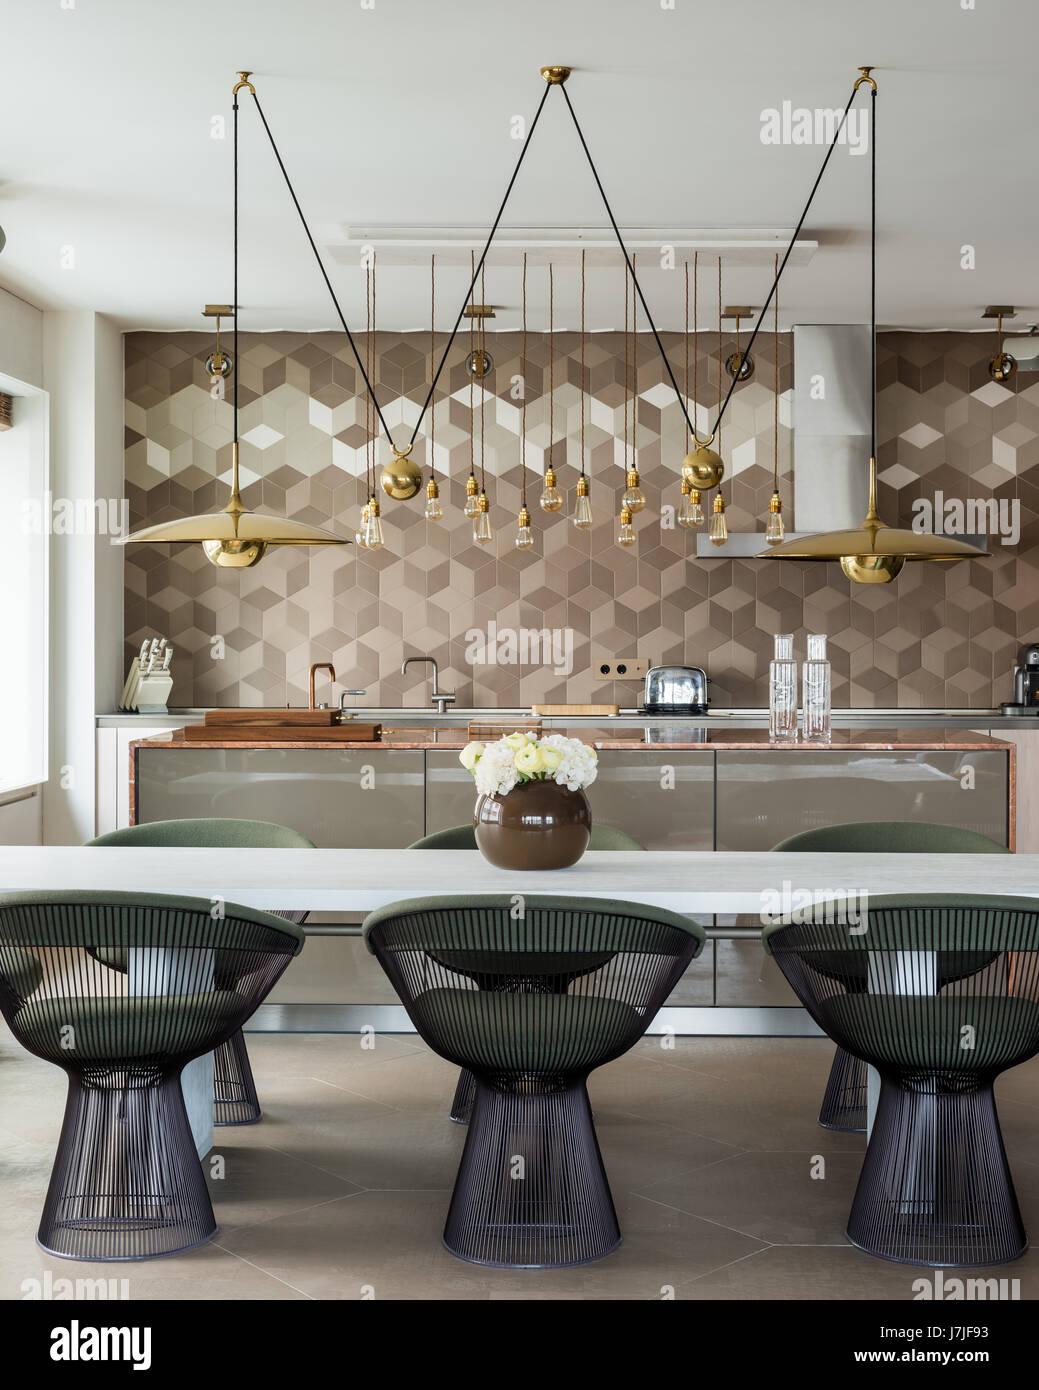 Marmor Arbeitsplatte Kucheninsel Mit Bulthaup Einheiten Und Messing